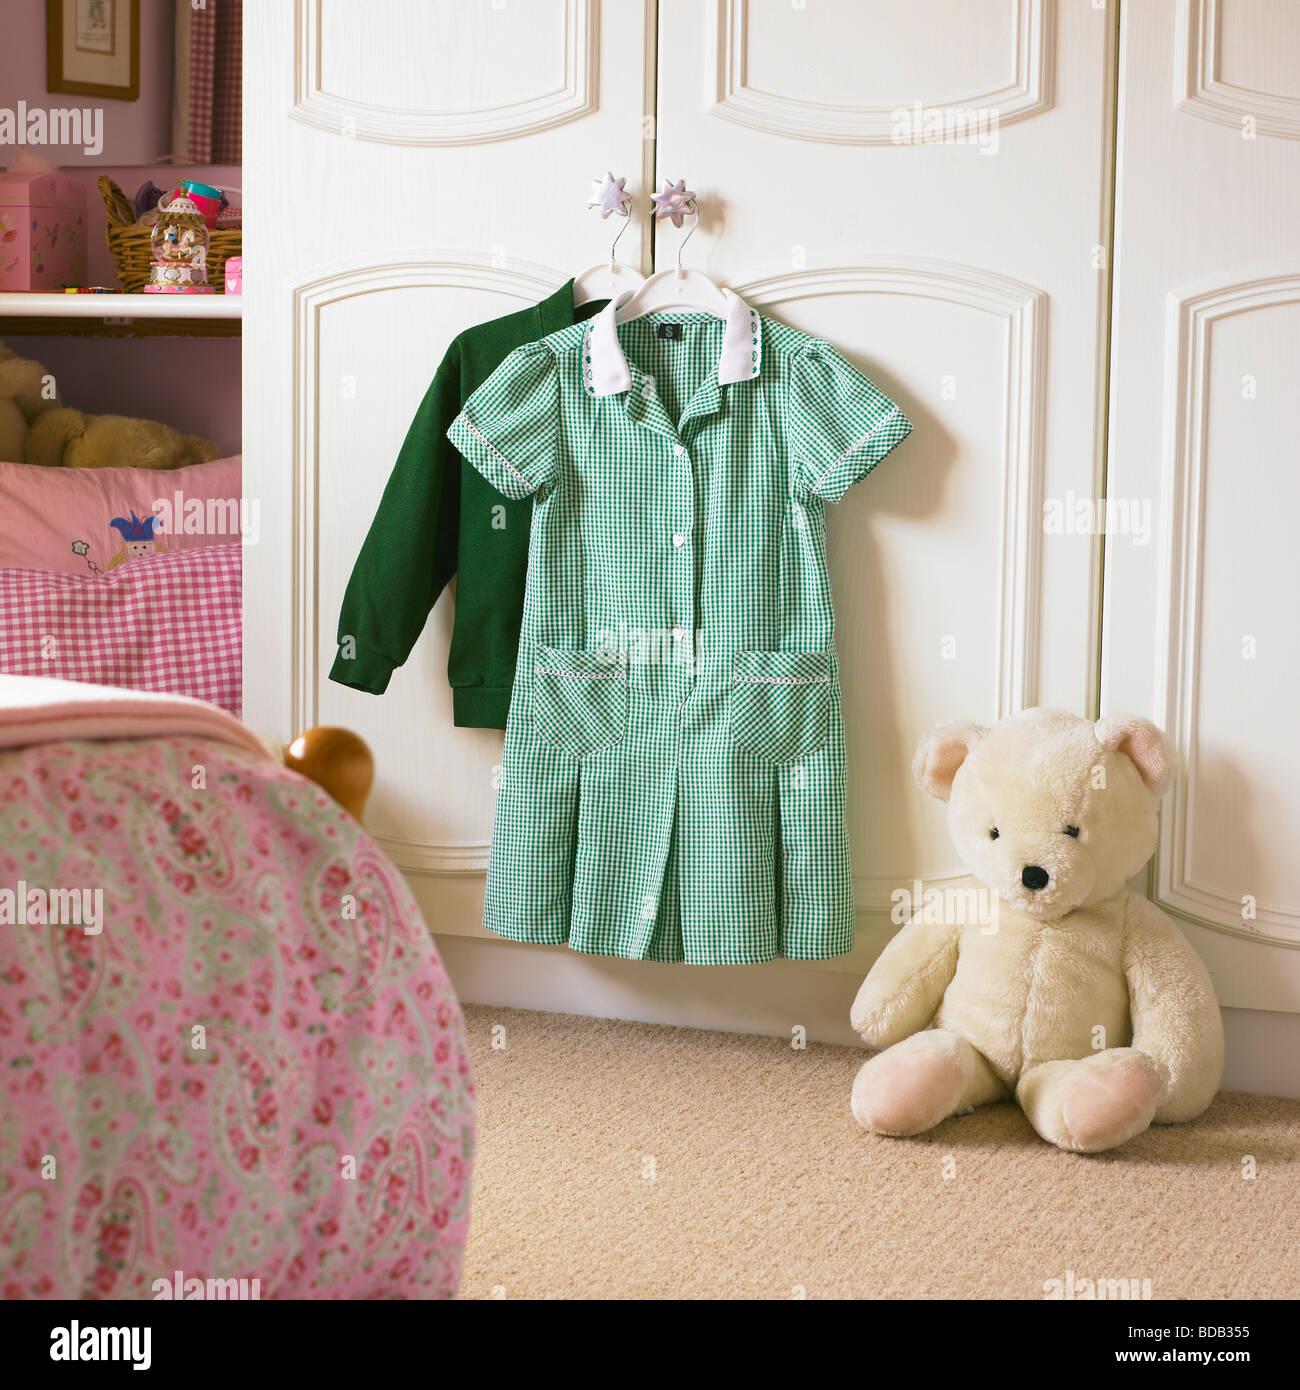 School Uniform ready for wear in a girls bedroom. Stock Photo